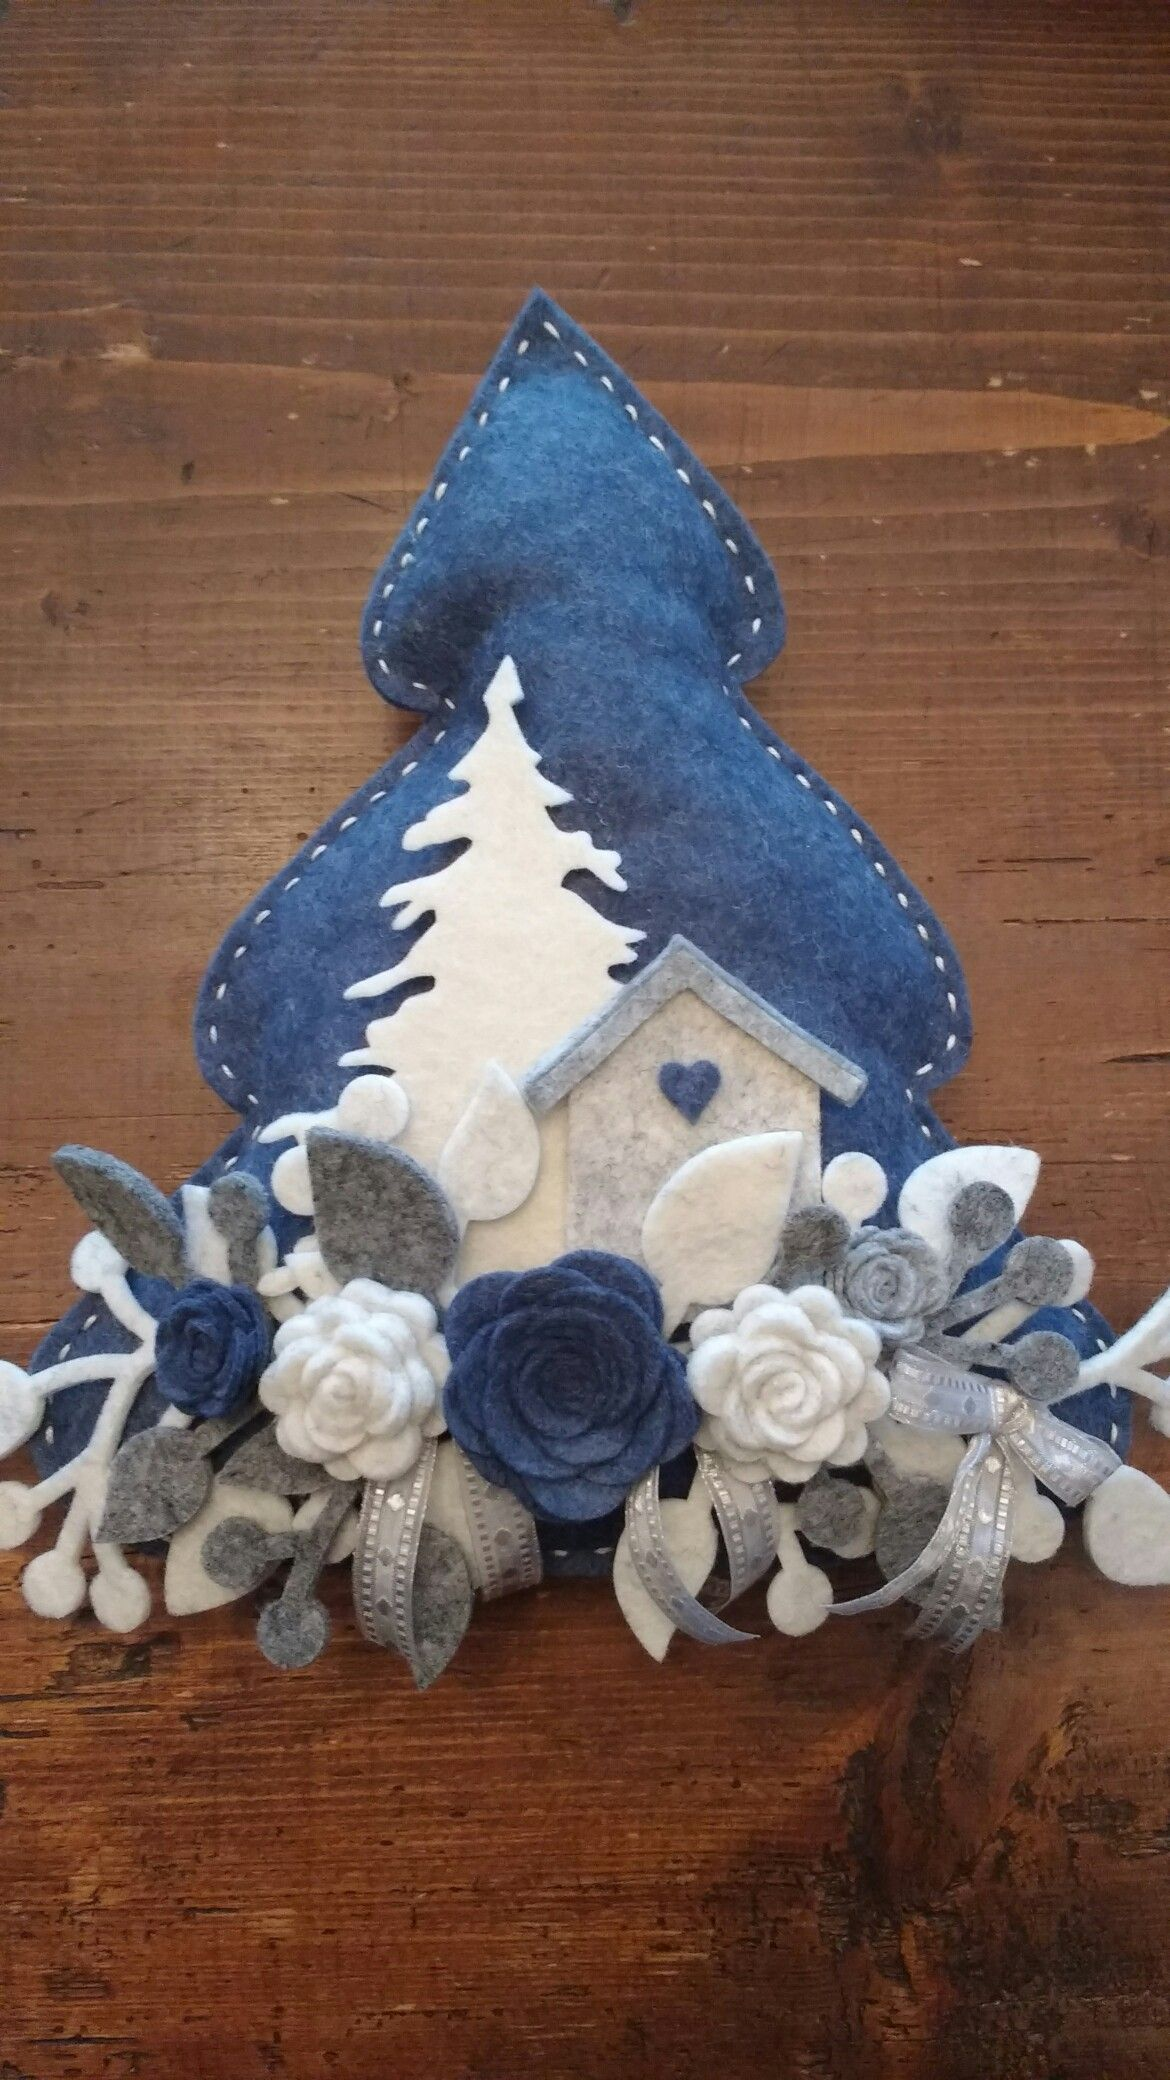 Decorazioni Natalizie In Feltro Pinterest.Albero Natale Feltro Karacsonyos Artigianato In Feltro Natalizio